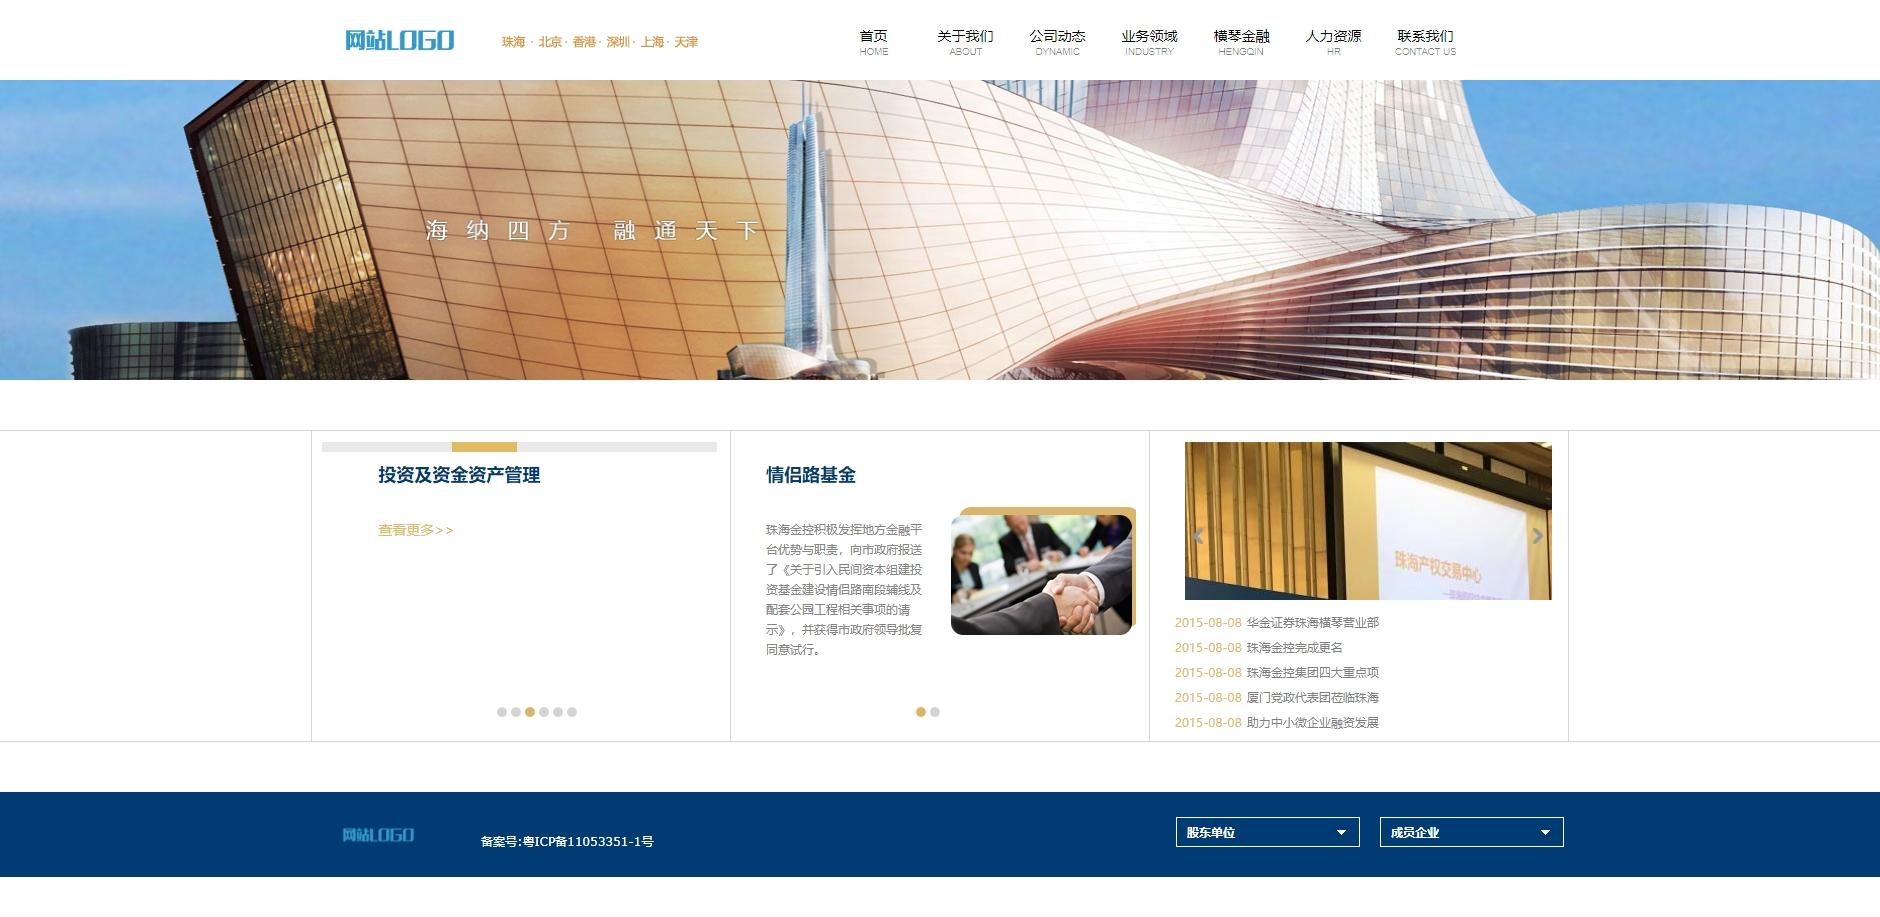 金融投资资金理财类企业织梦dedecms模板